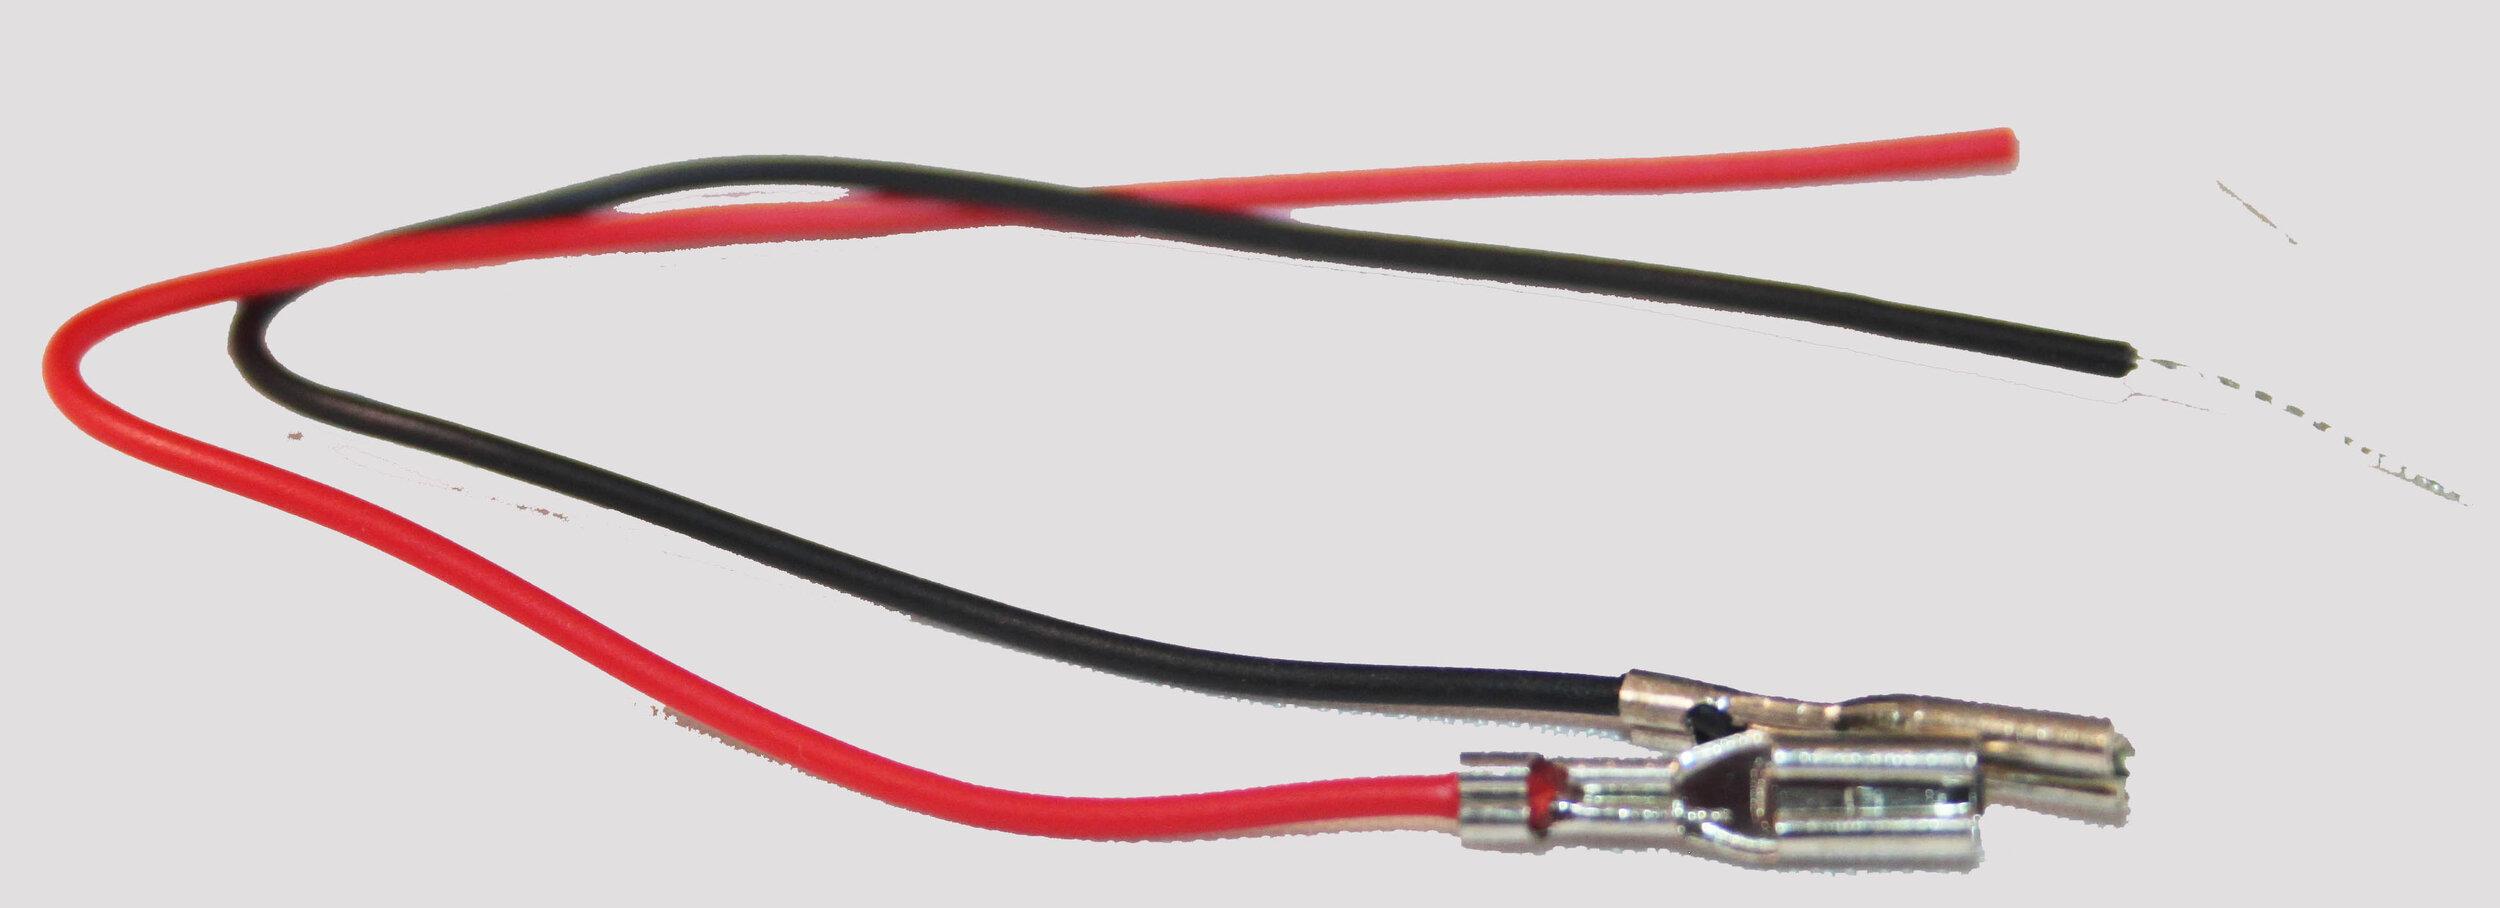 WIRET150 Terminated Wire 150mm Black & Red.jpg